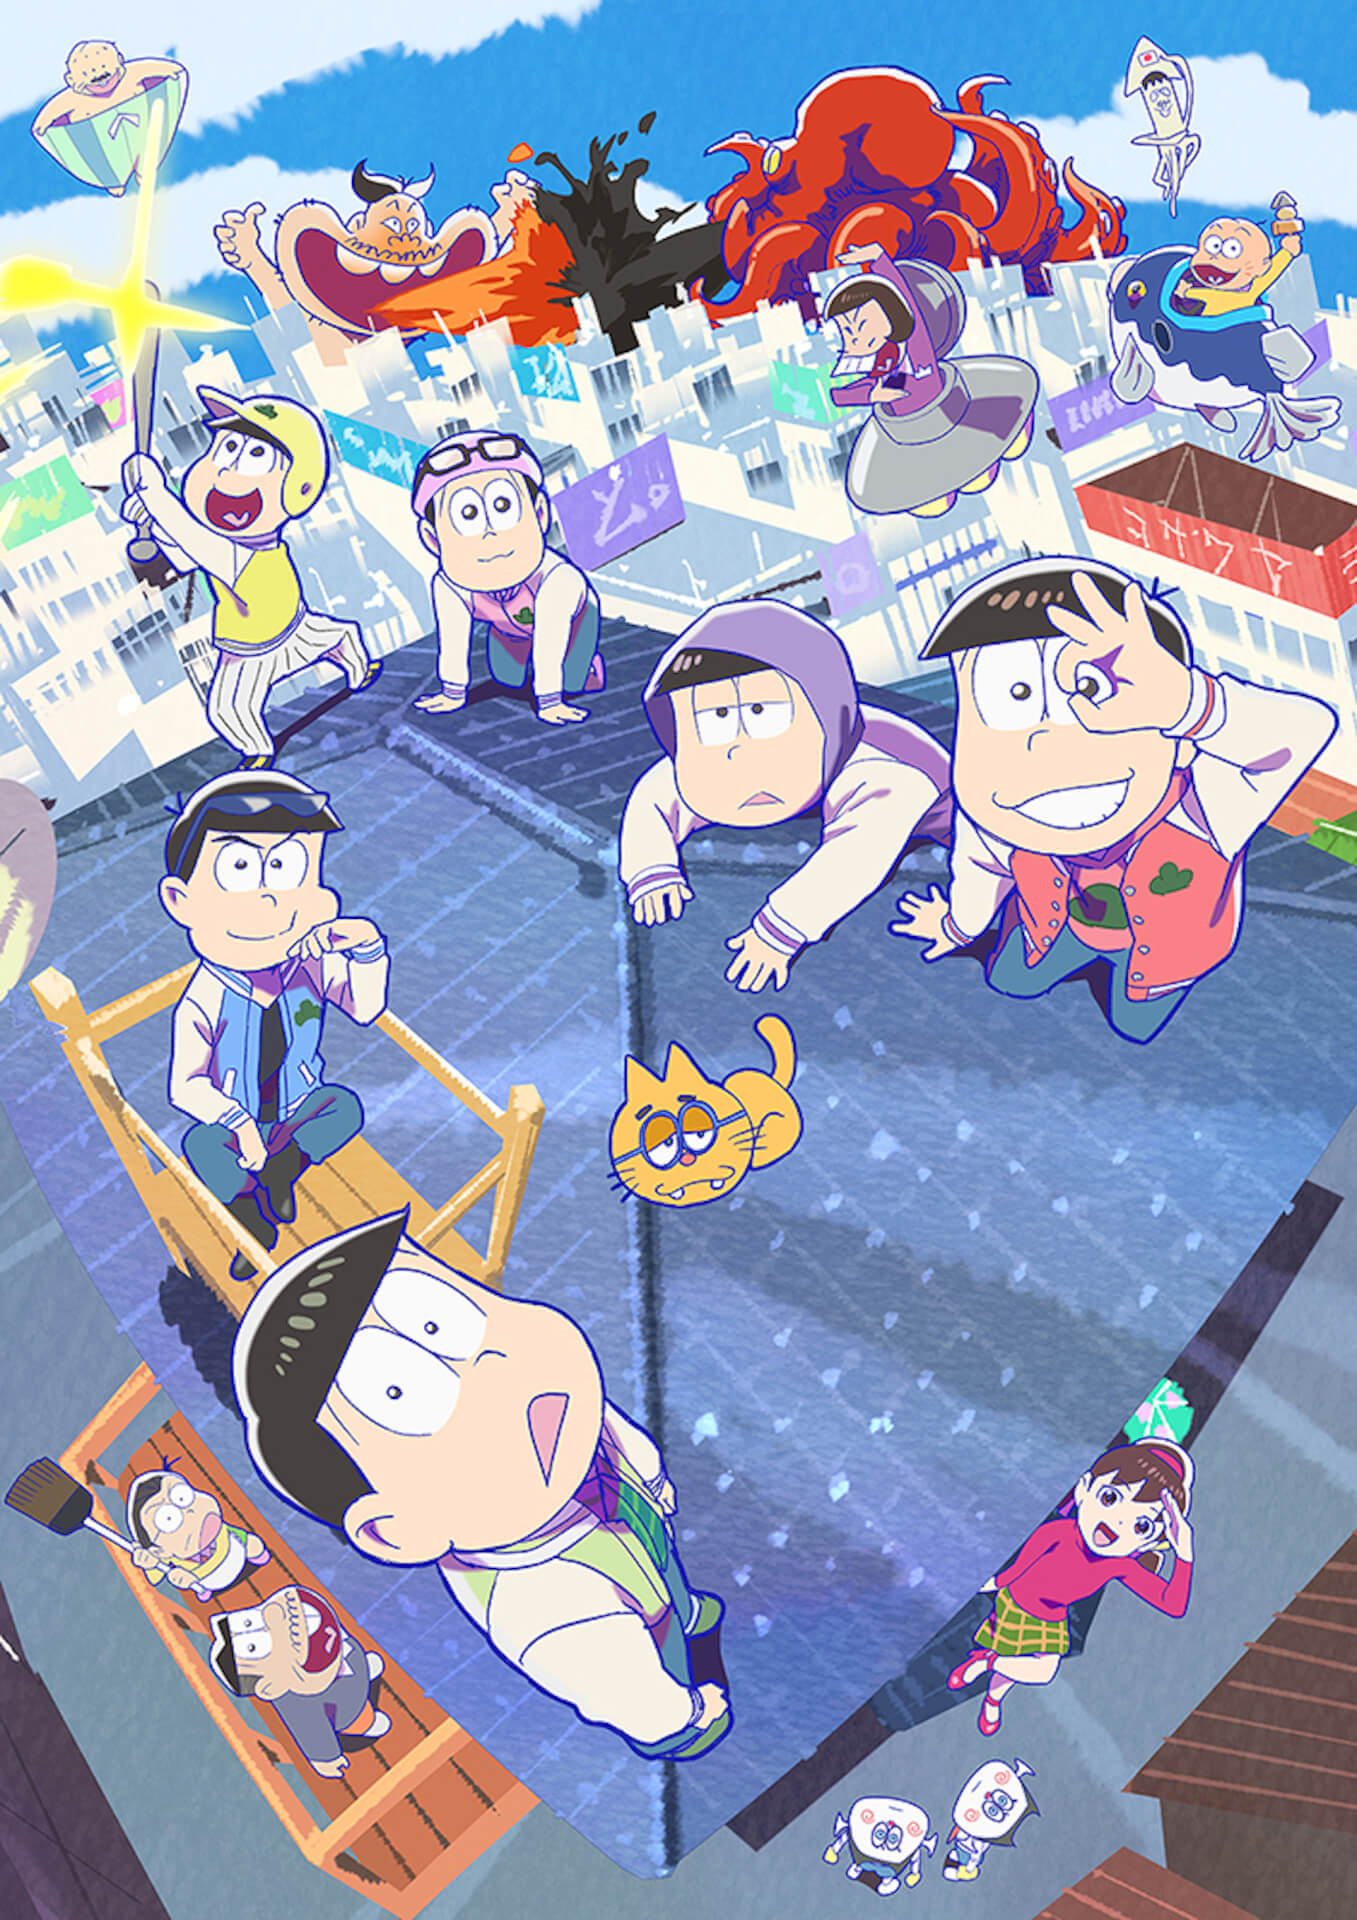 待望のTVアニメ『おそ松さん』第3期放送開始日が決定!新たな展開を期待させるメインビジュアル&OPテーマも解禁 anime2020907-osoatsusan1